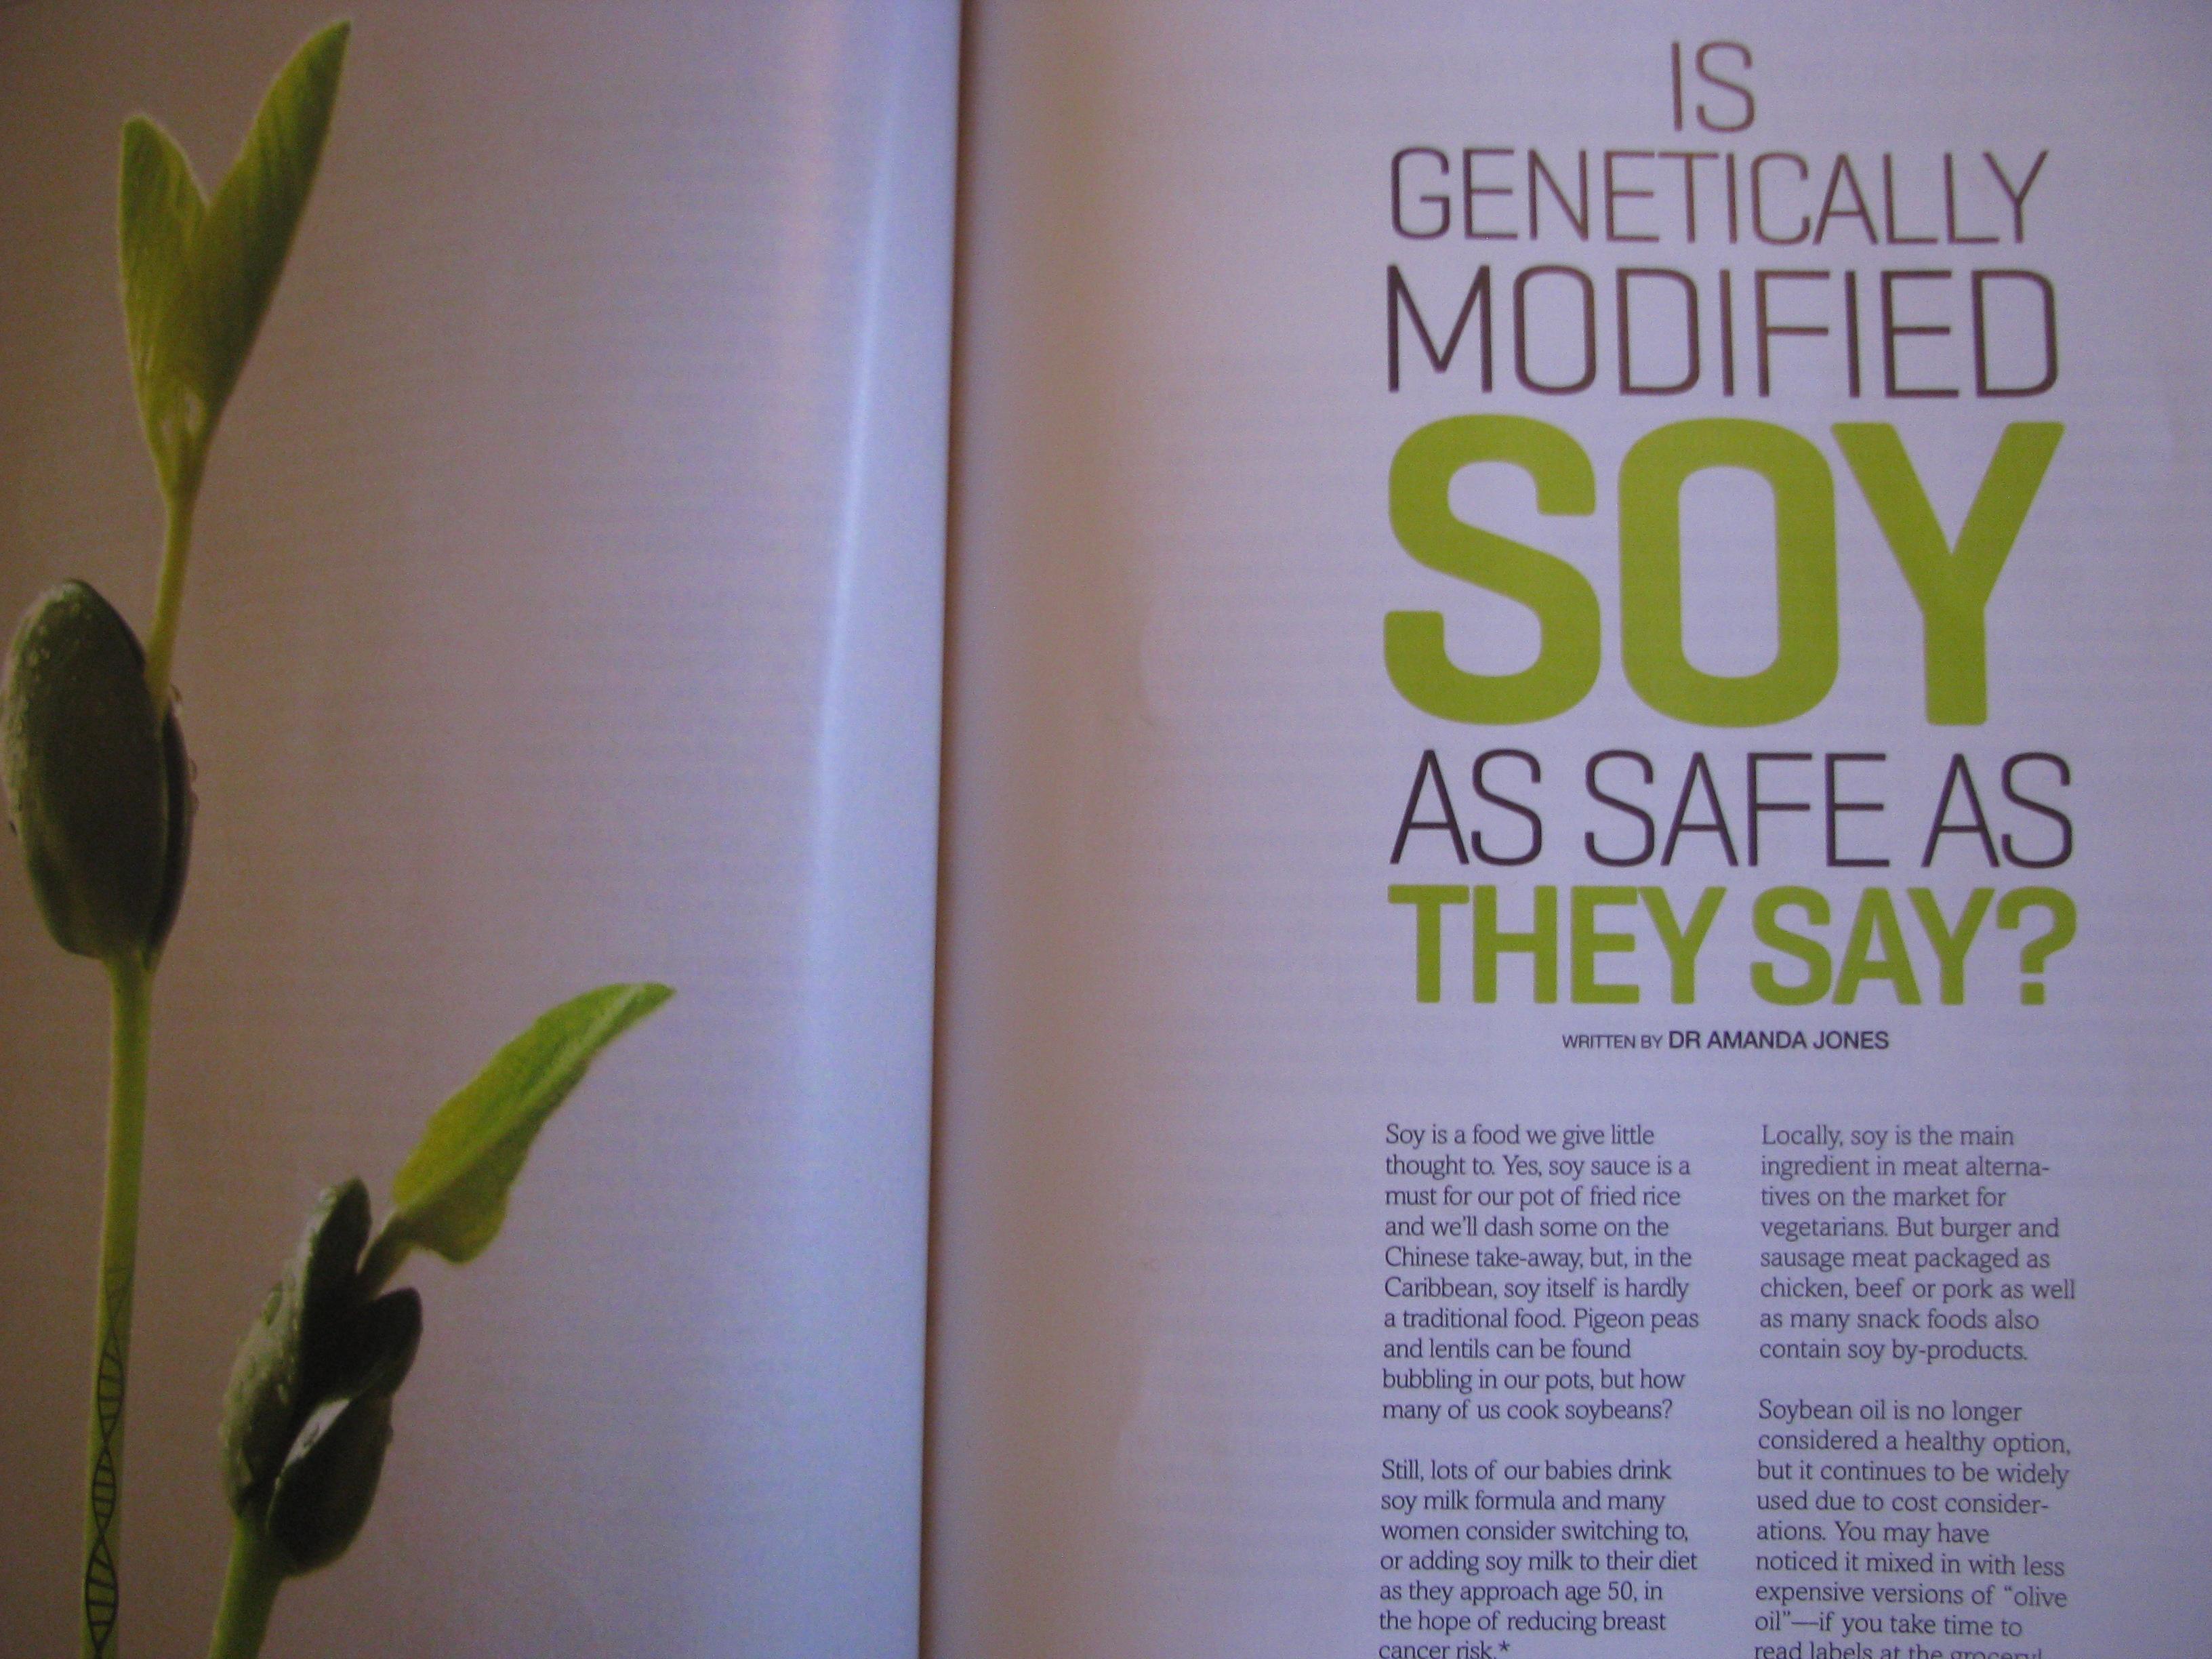 genetically modified foods | Staywellfireyourdoctor's Blog